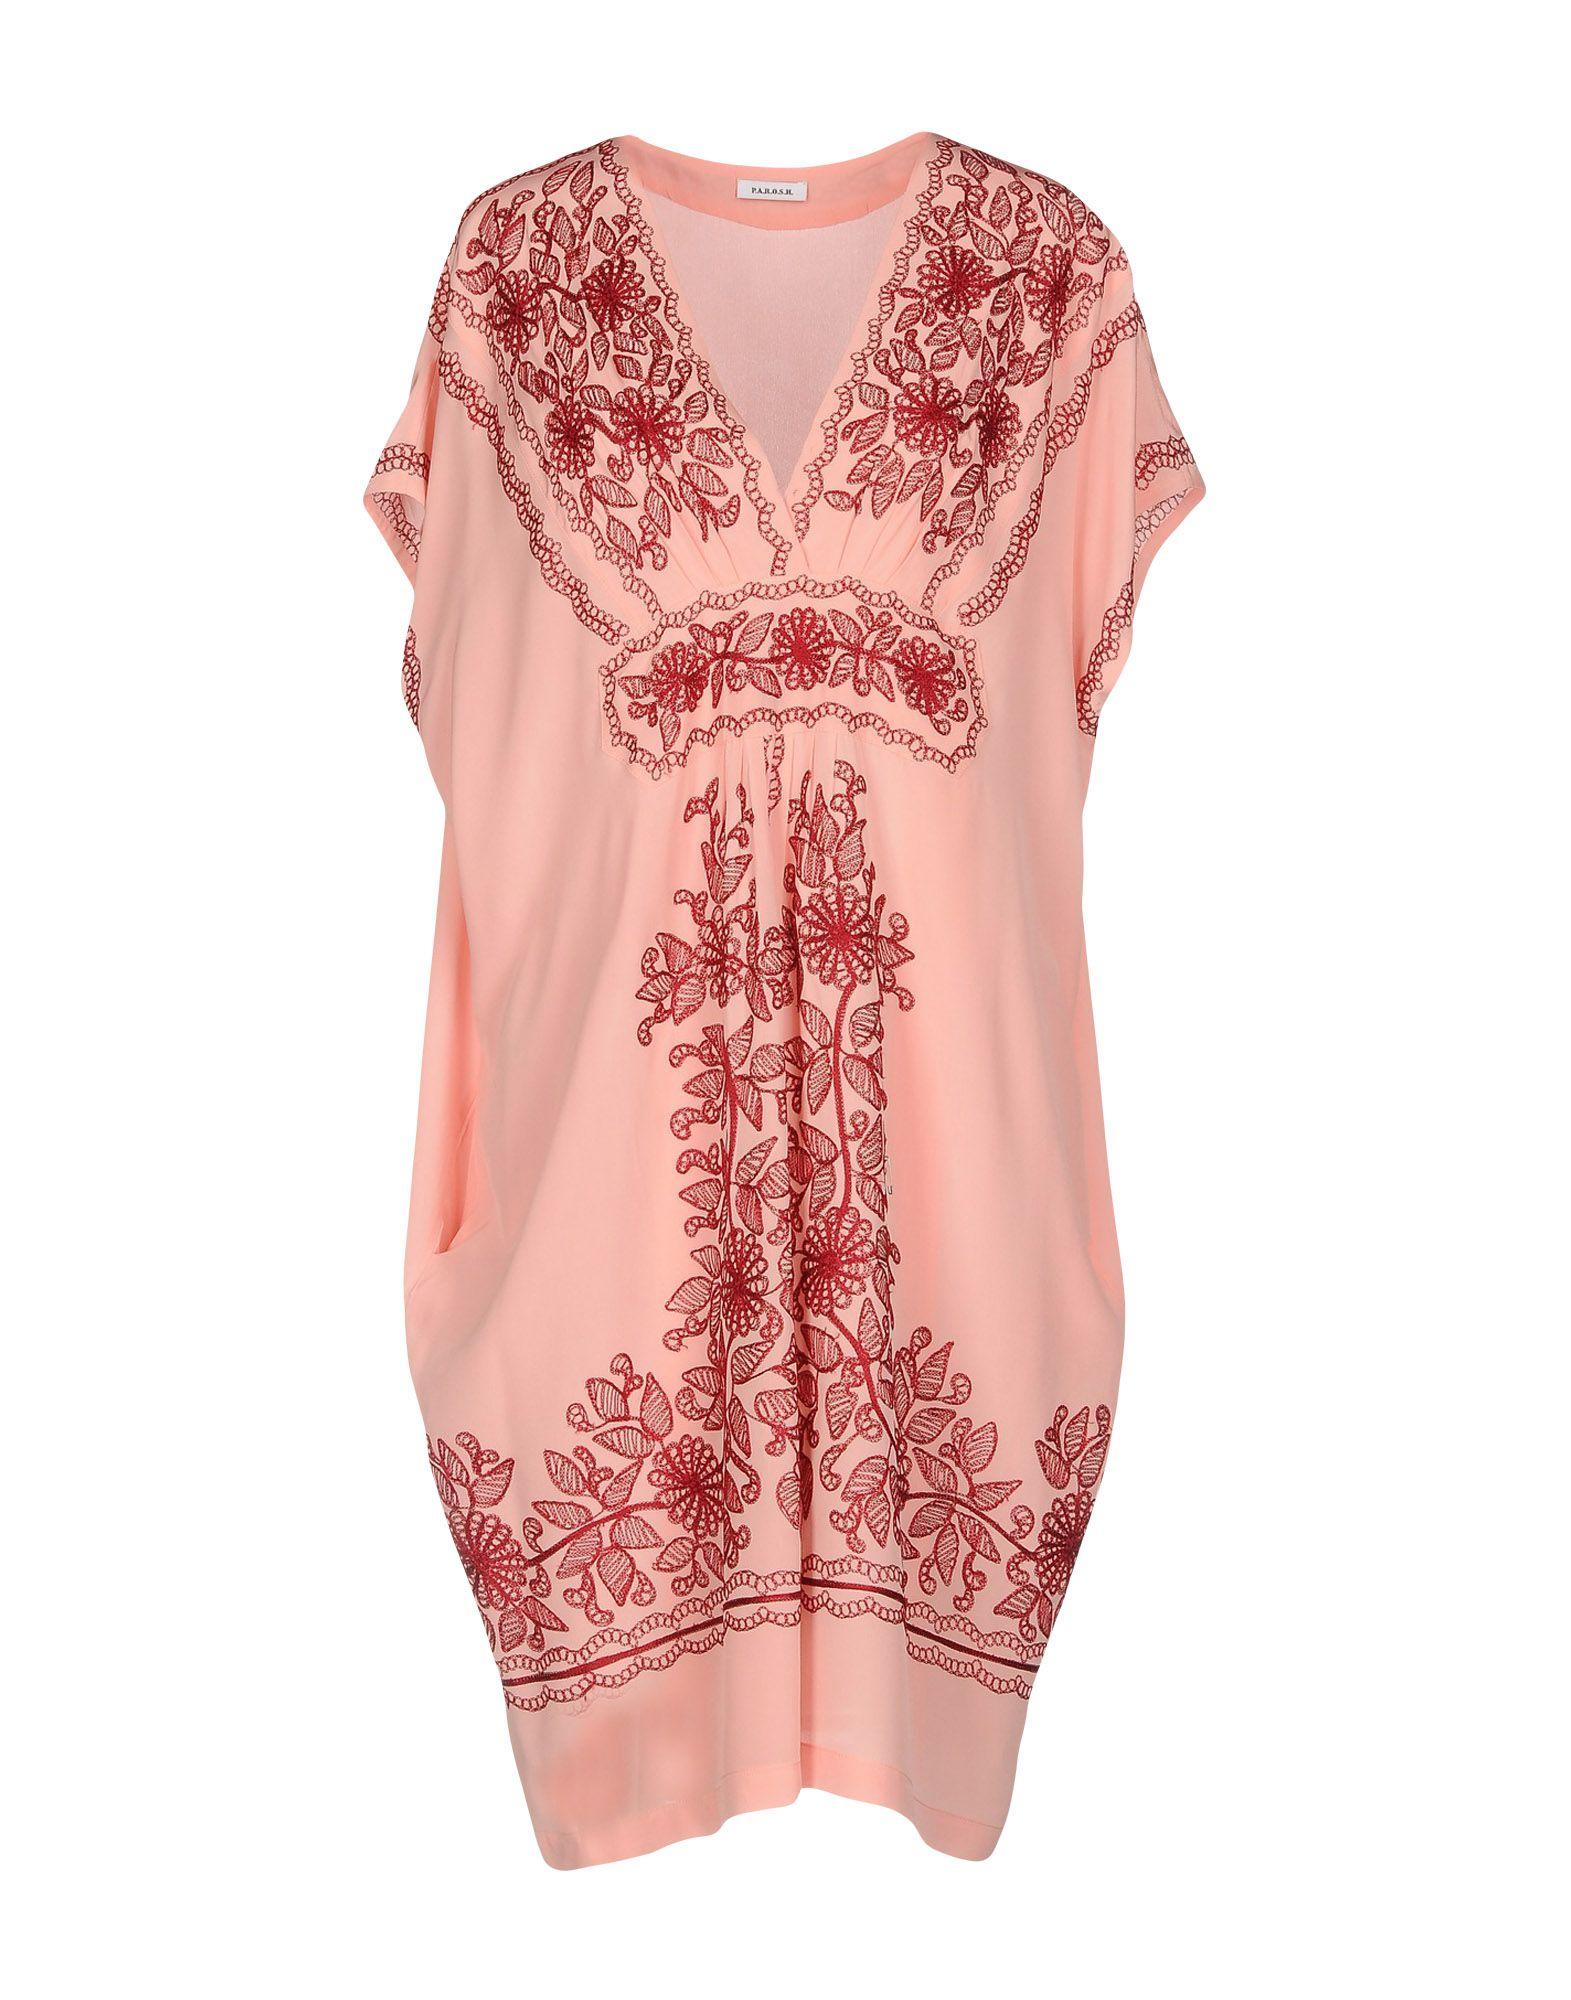 Vestito Corto P.A.R.O.S.H. Donna - Acquista online su MHLSNI0